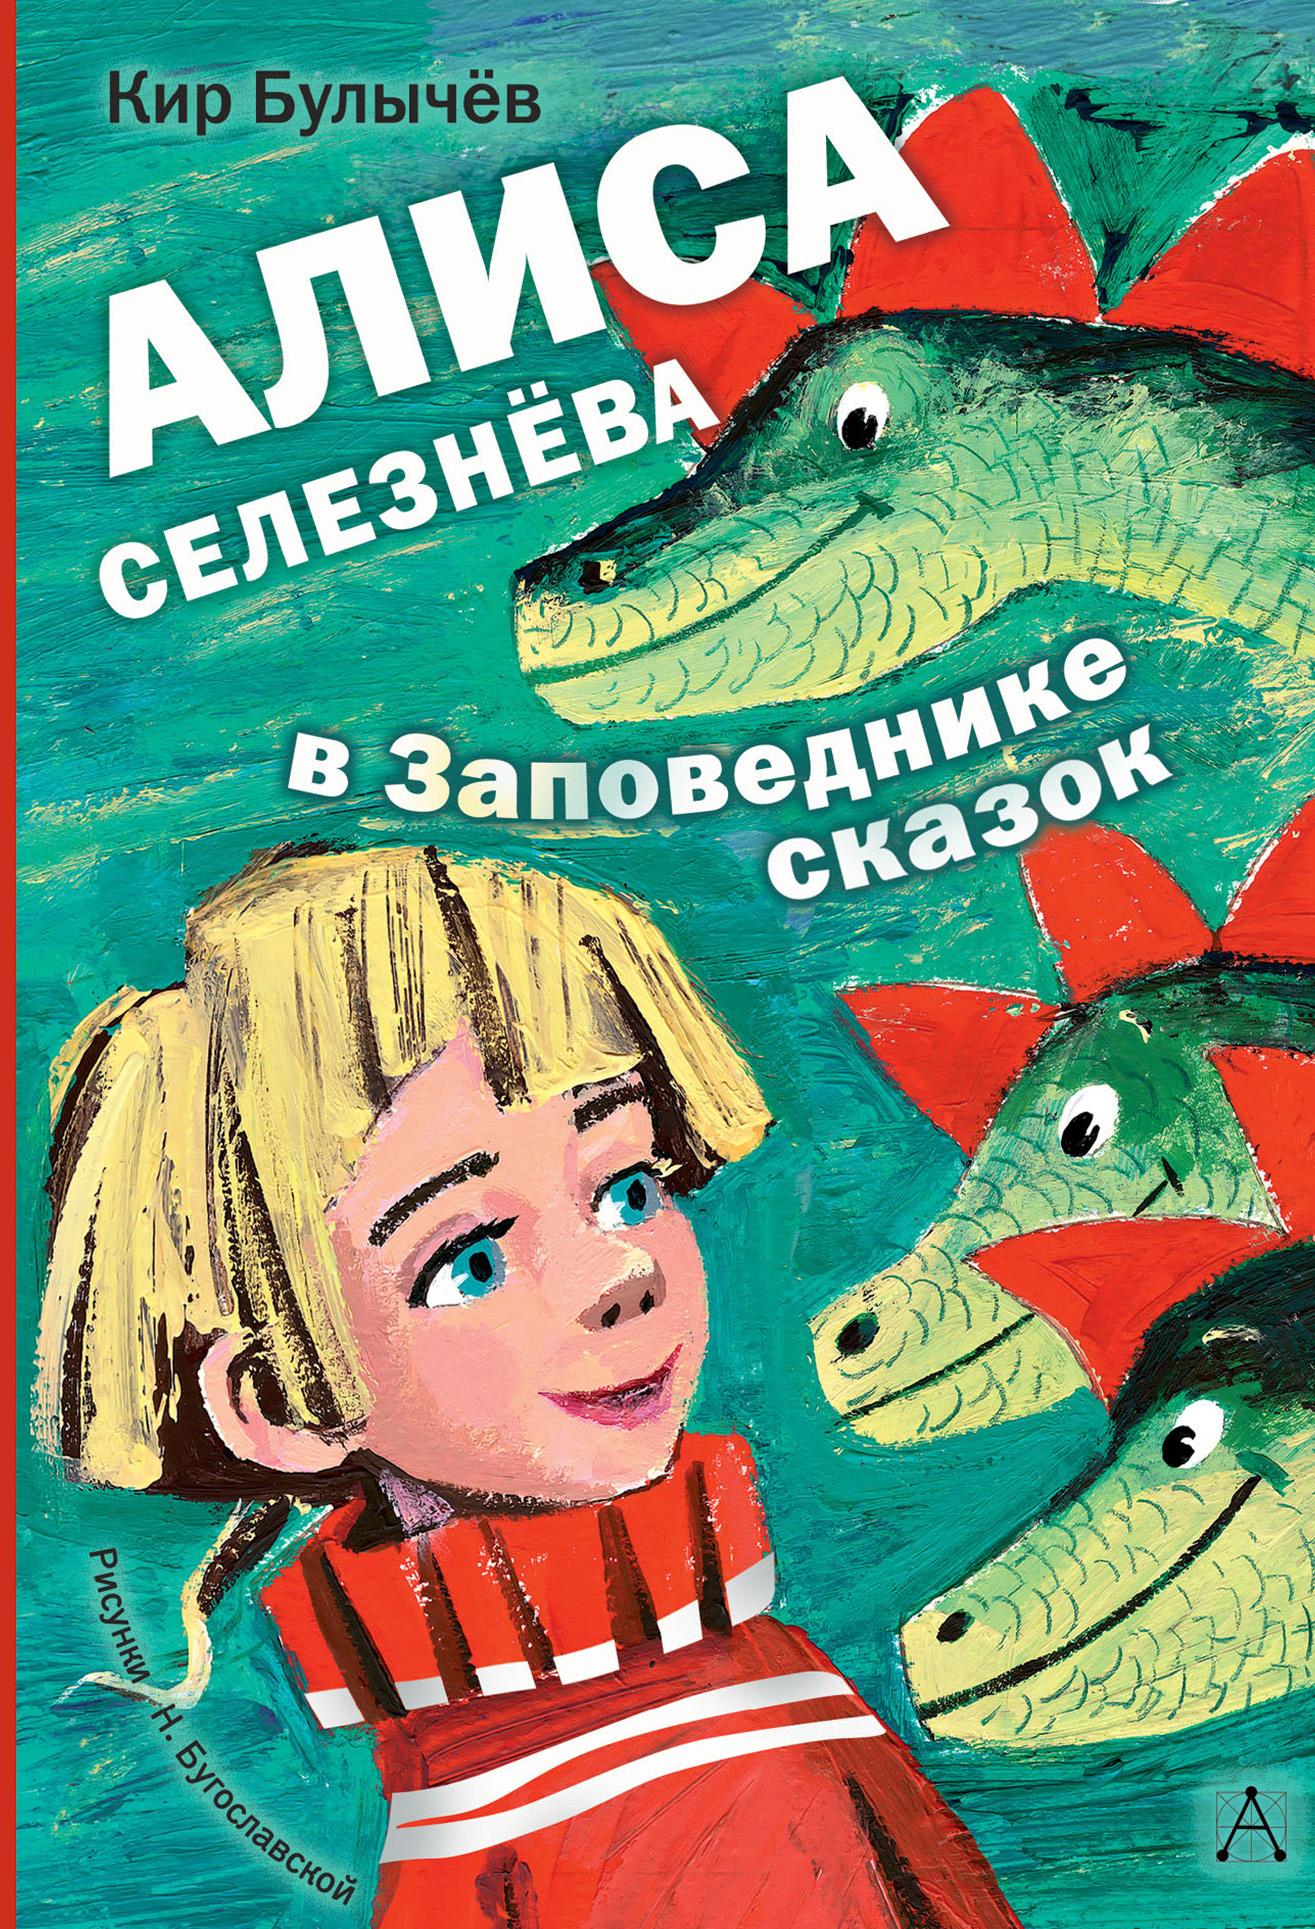 Кир Булычев «Алиса Селезнёва в заповеднике сказок»